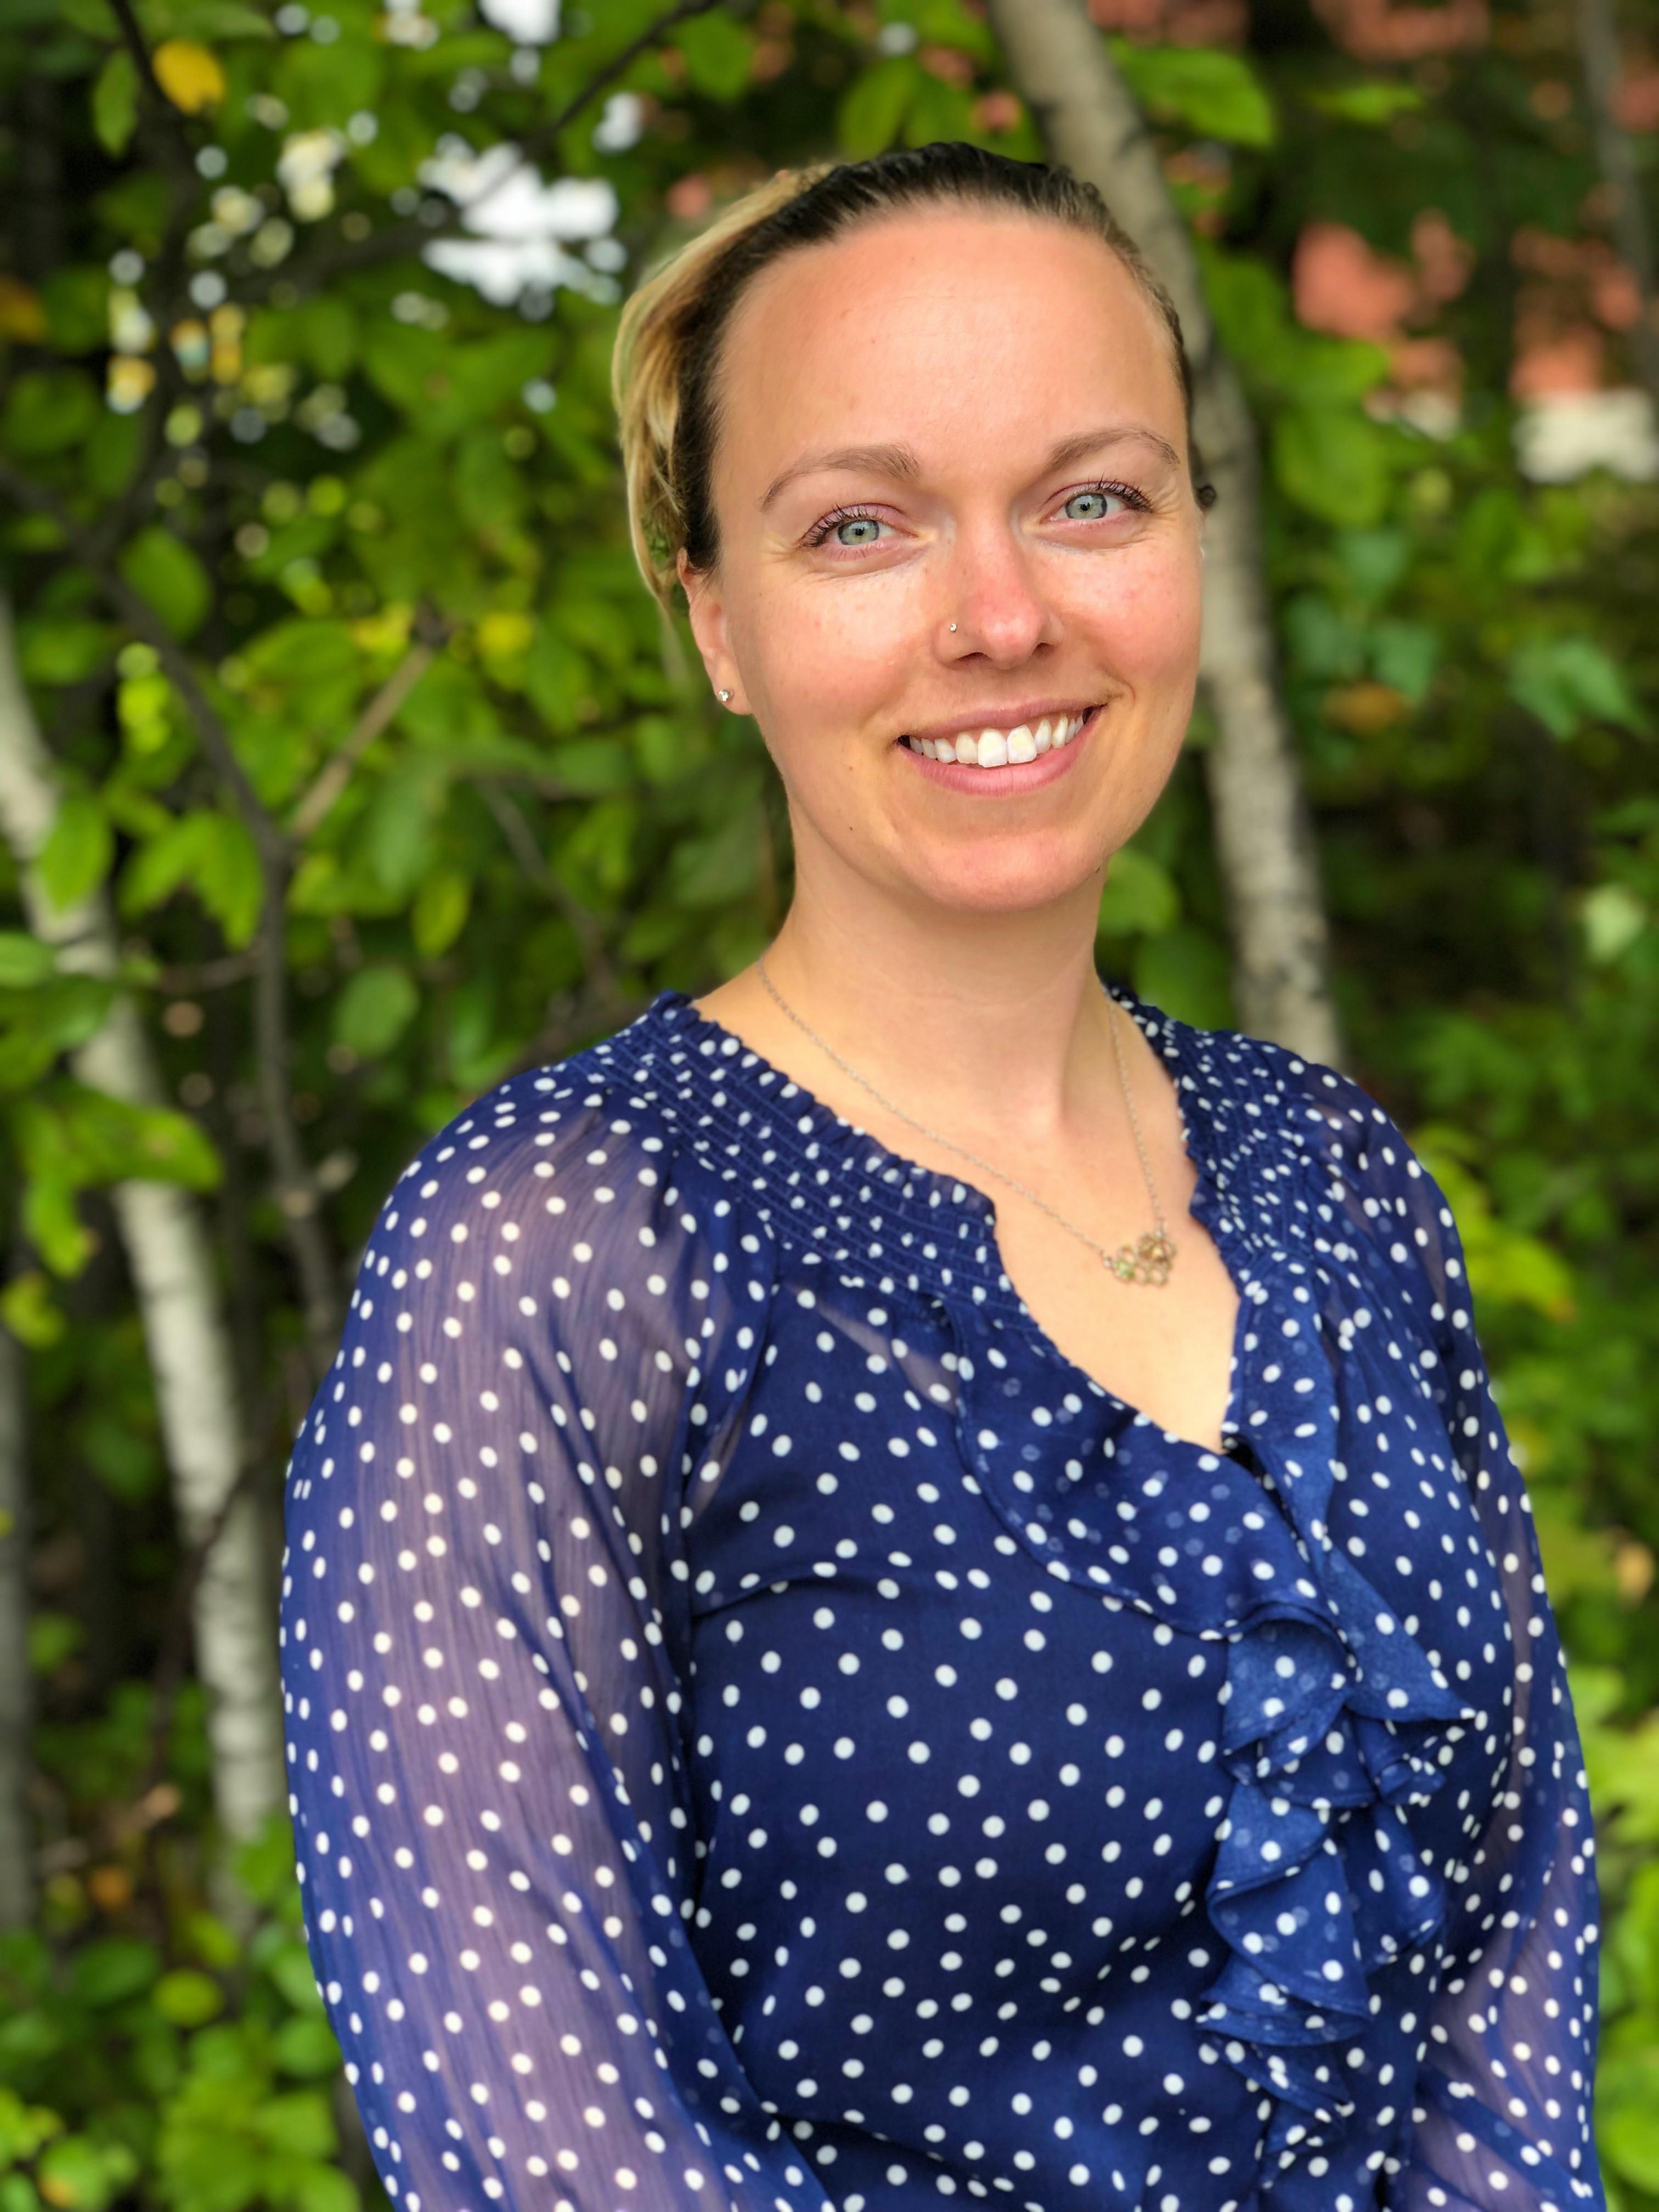 Amy McComb